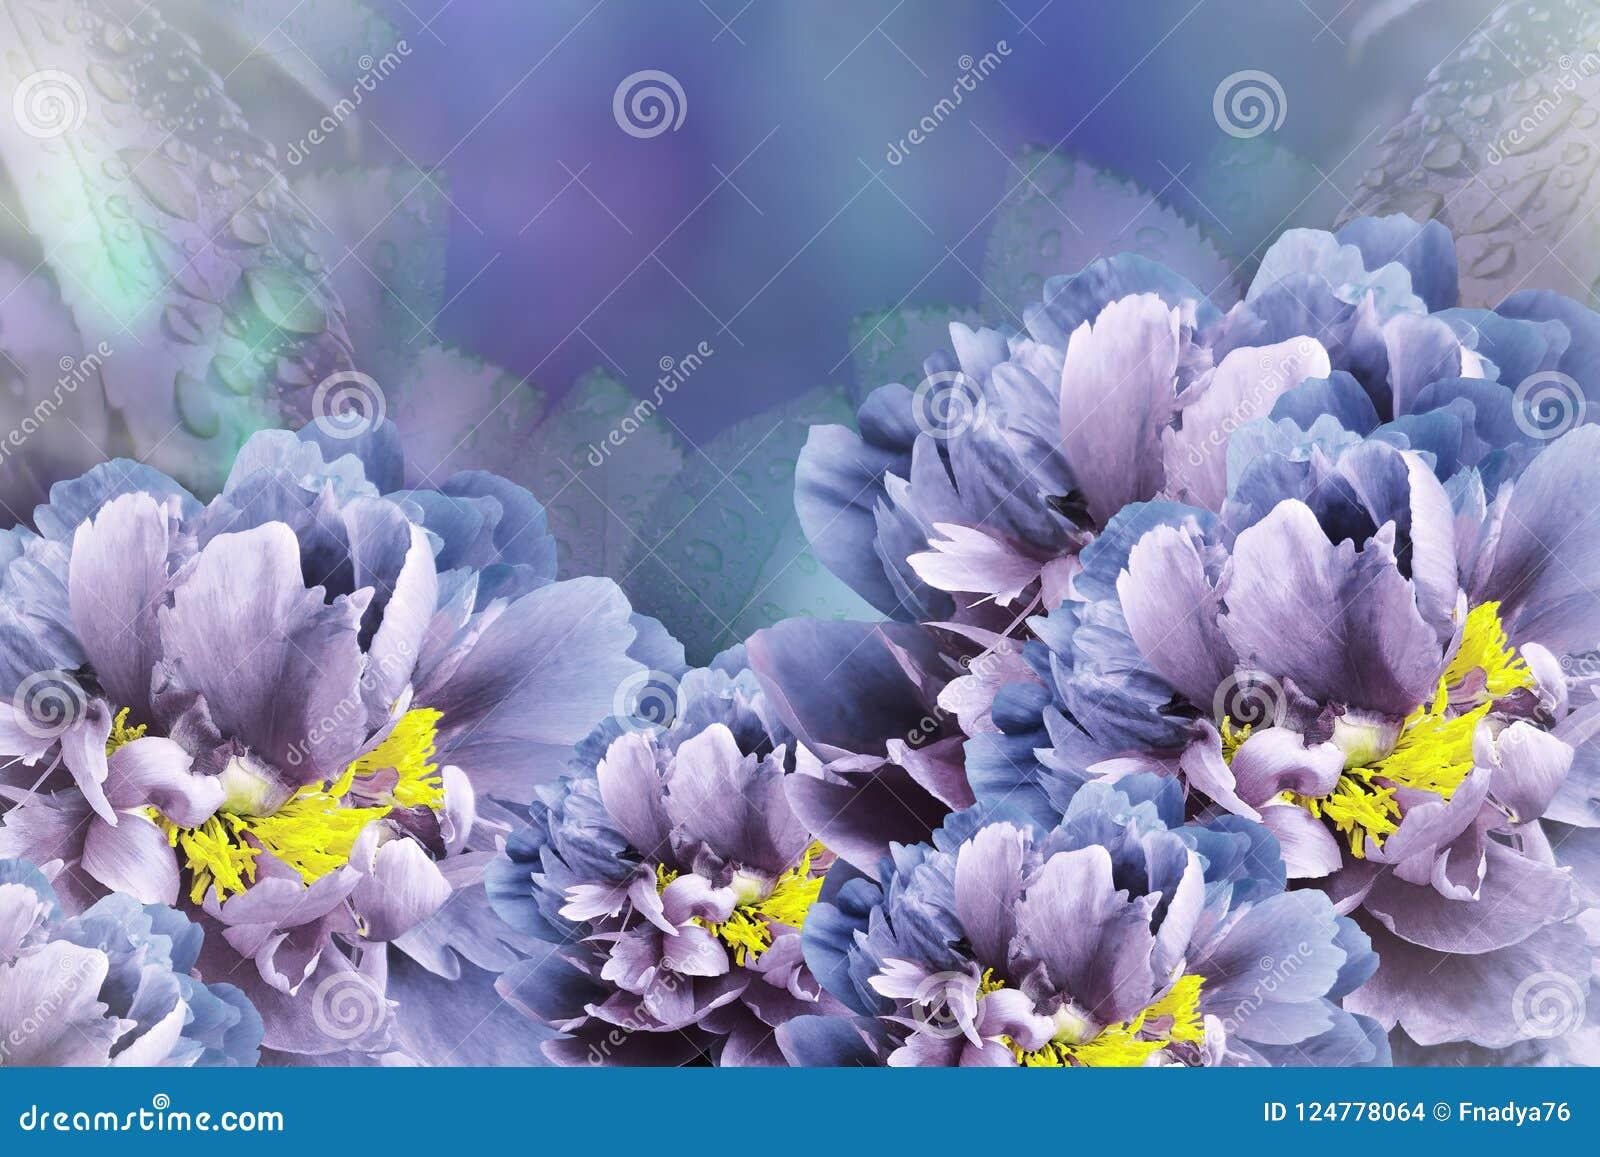 Pivoines bleu-violettes de fond floral Fleurit le plan rapproché sur un fond turquoise-bleu-violet Composition de fleur